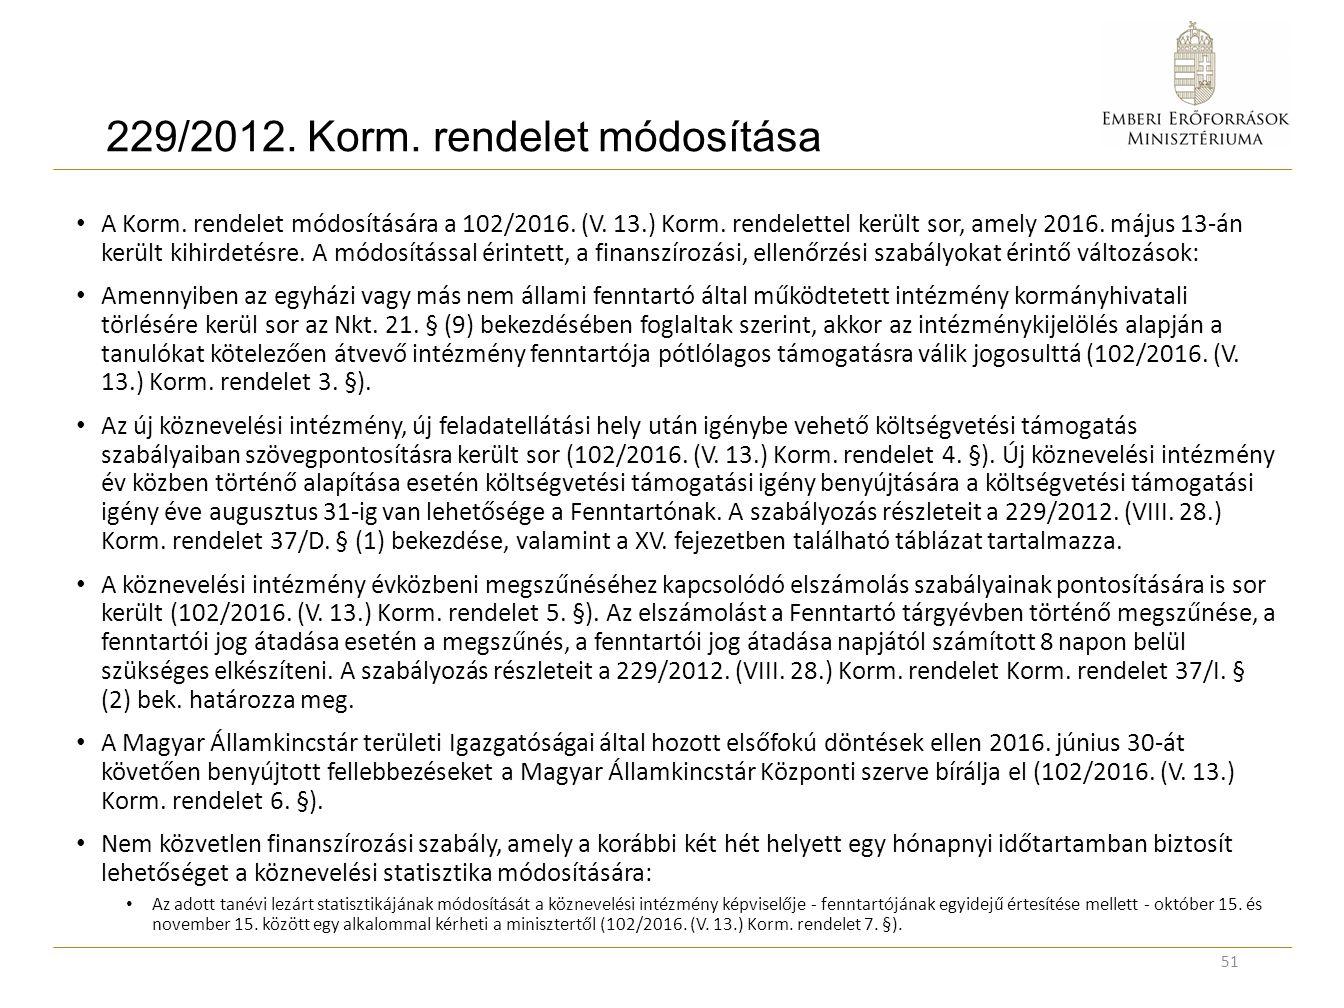 229/2012. Korm. rendelet módosítása A Korm. rendelet módosítására a 102/2016. (V. 13.) Korm. rendelettel került sor, amely 2016. május 13-án került ki